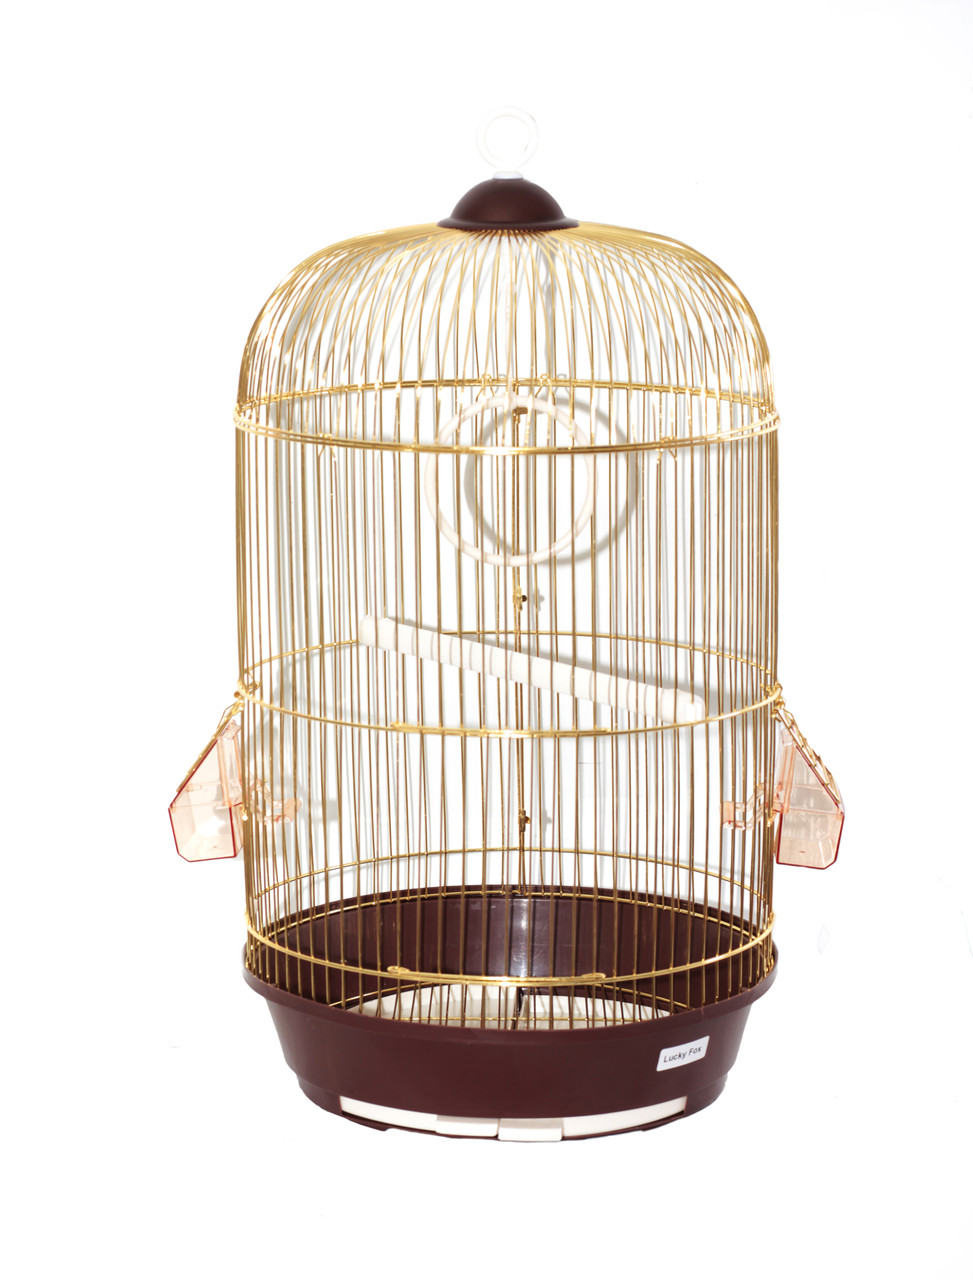 Клетка для птиц круглая Fox Diana, золотая